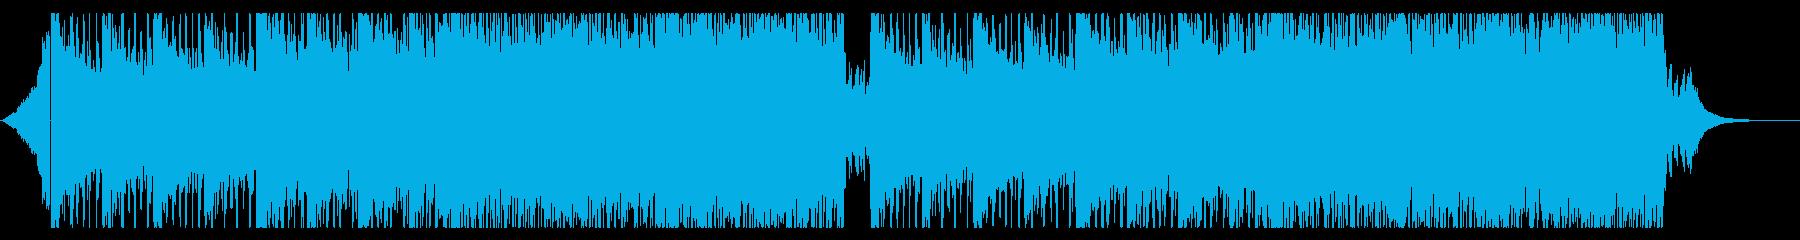 爽やかなEDM曲の再生済みの波形